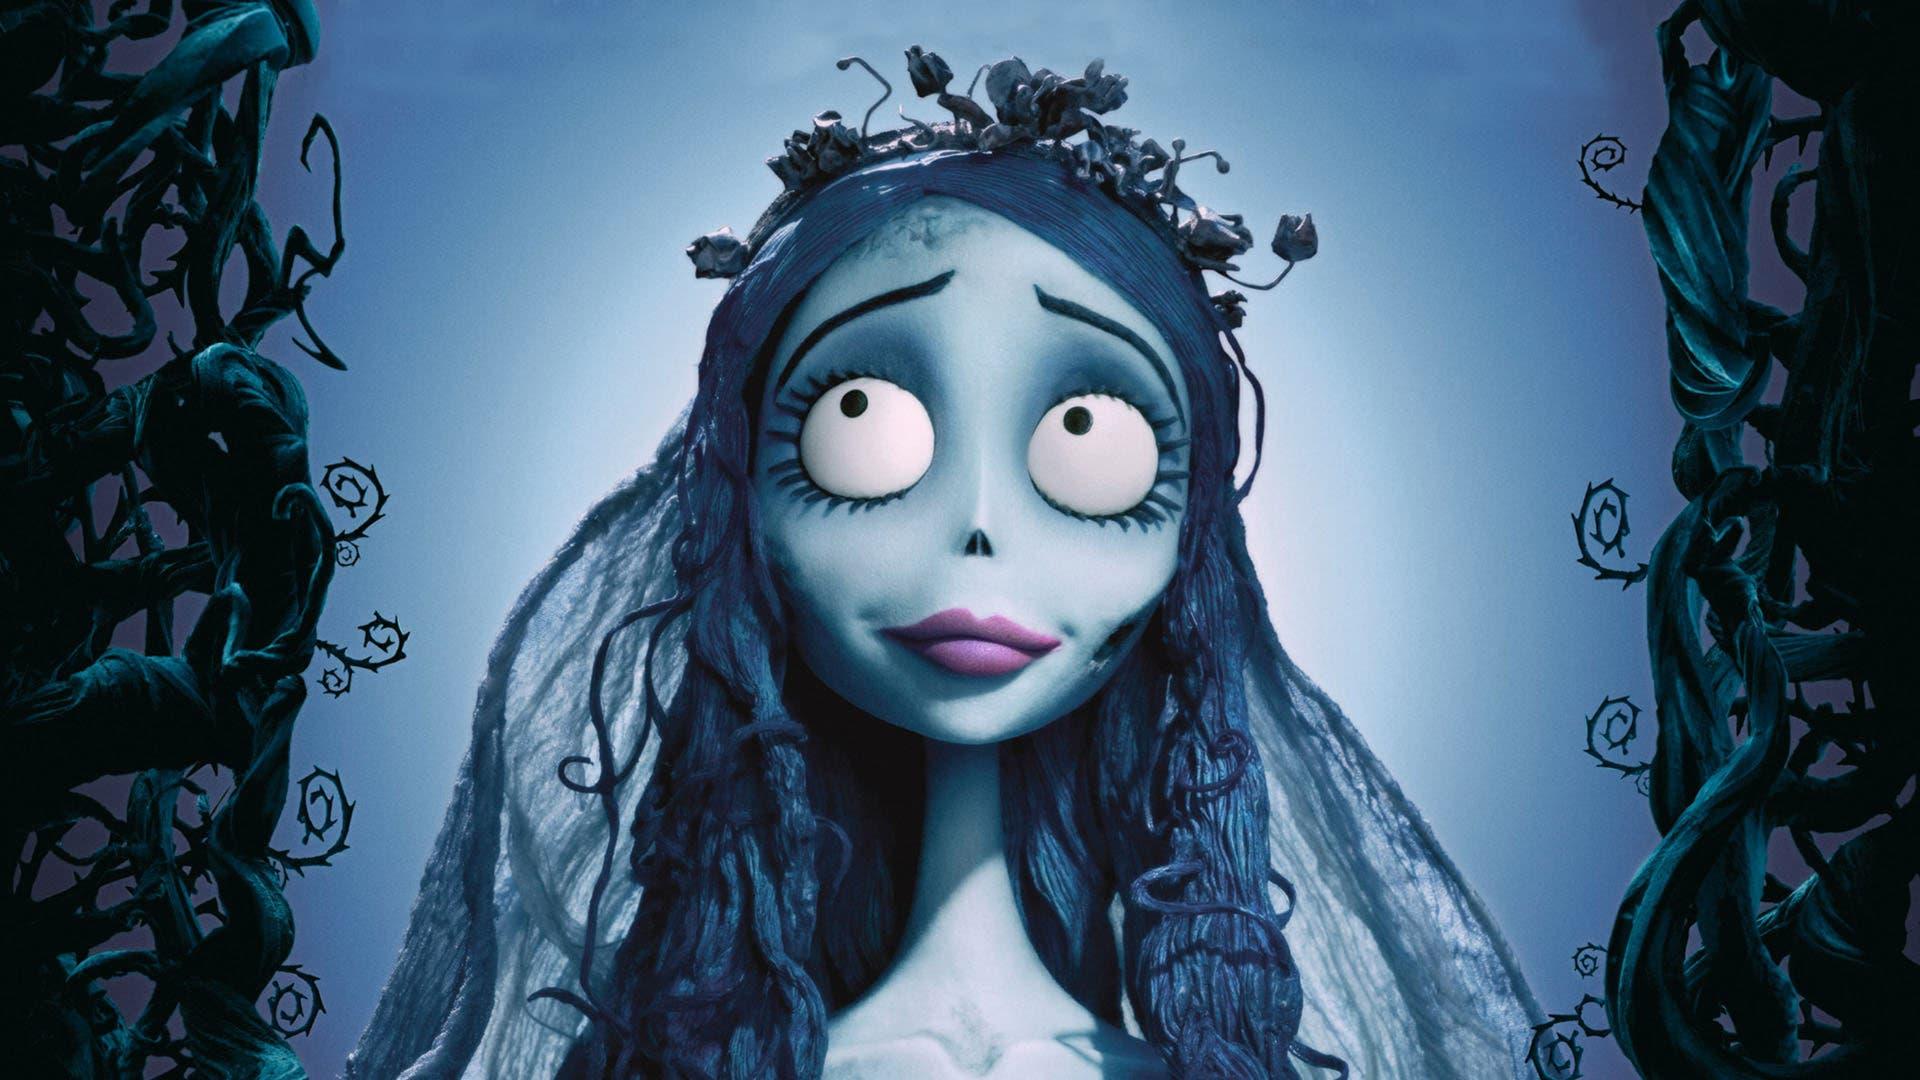 شخصیت عروس مرده در فیلم کارتونی